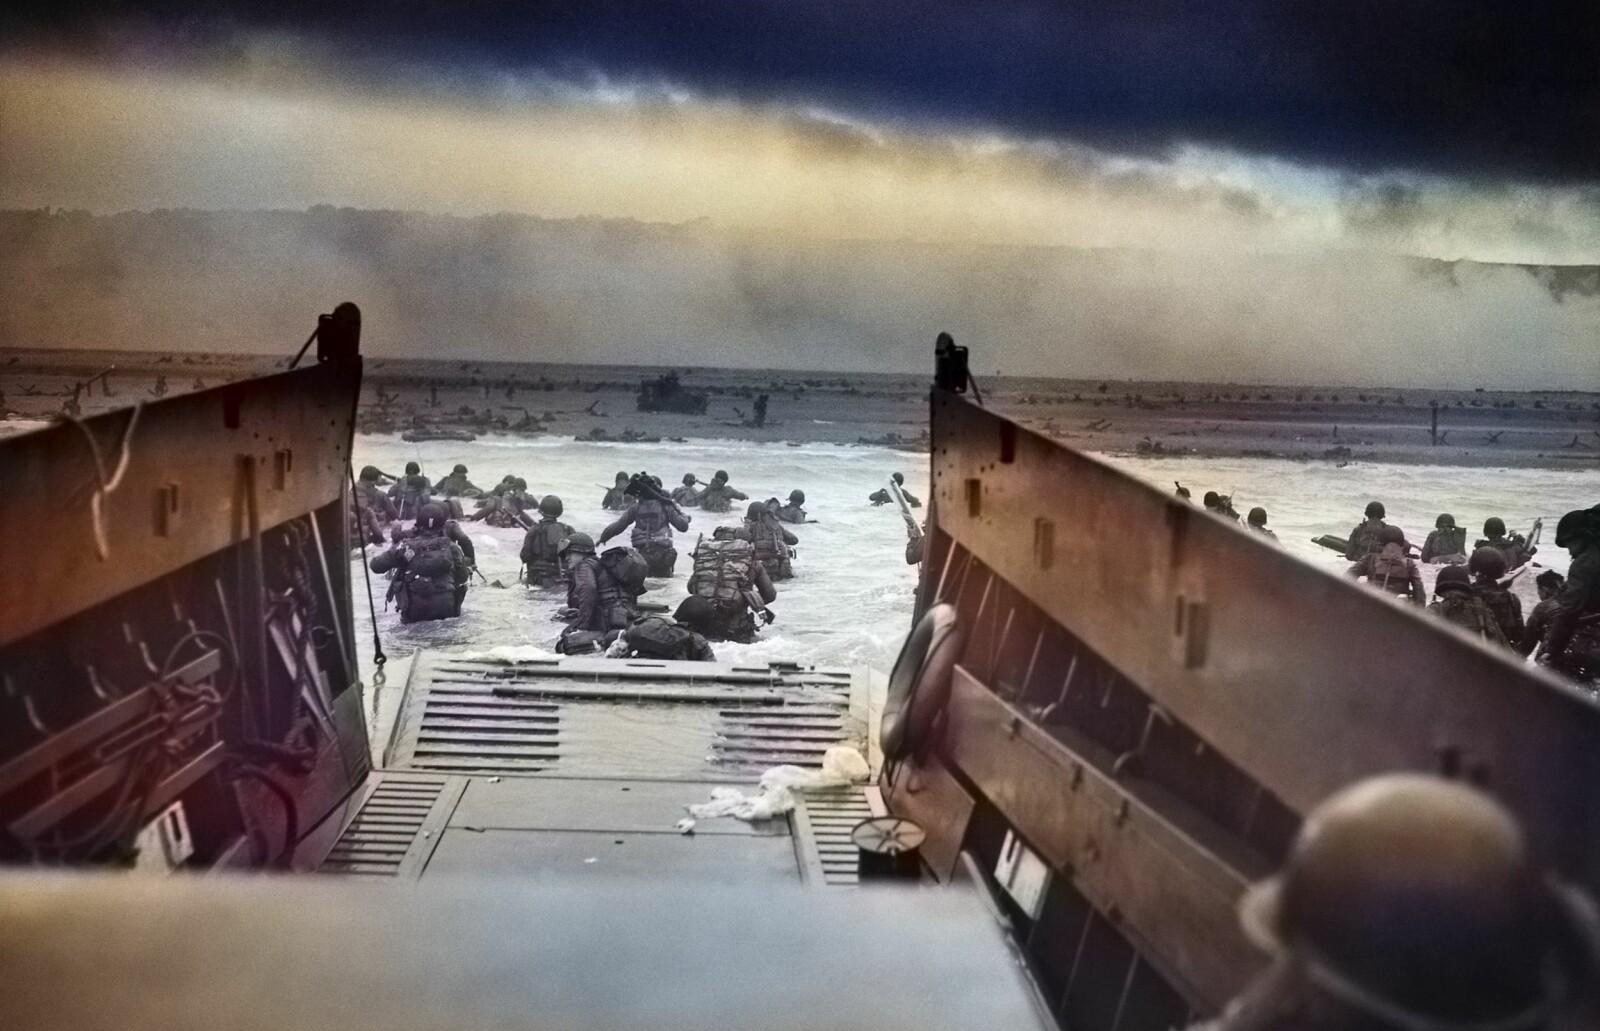 <b>INN I DØDENS GAP:</b> Den 20 år gamle kystvaktoffiseren Robert F. Sargent tok dette ikoniske bildet fra et av landgangsfartøyeneved Omaha Beach på D-dagen.